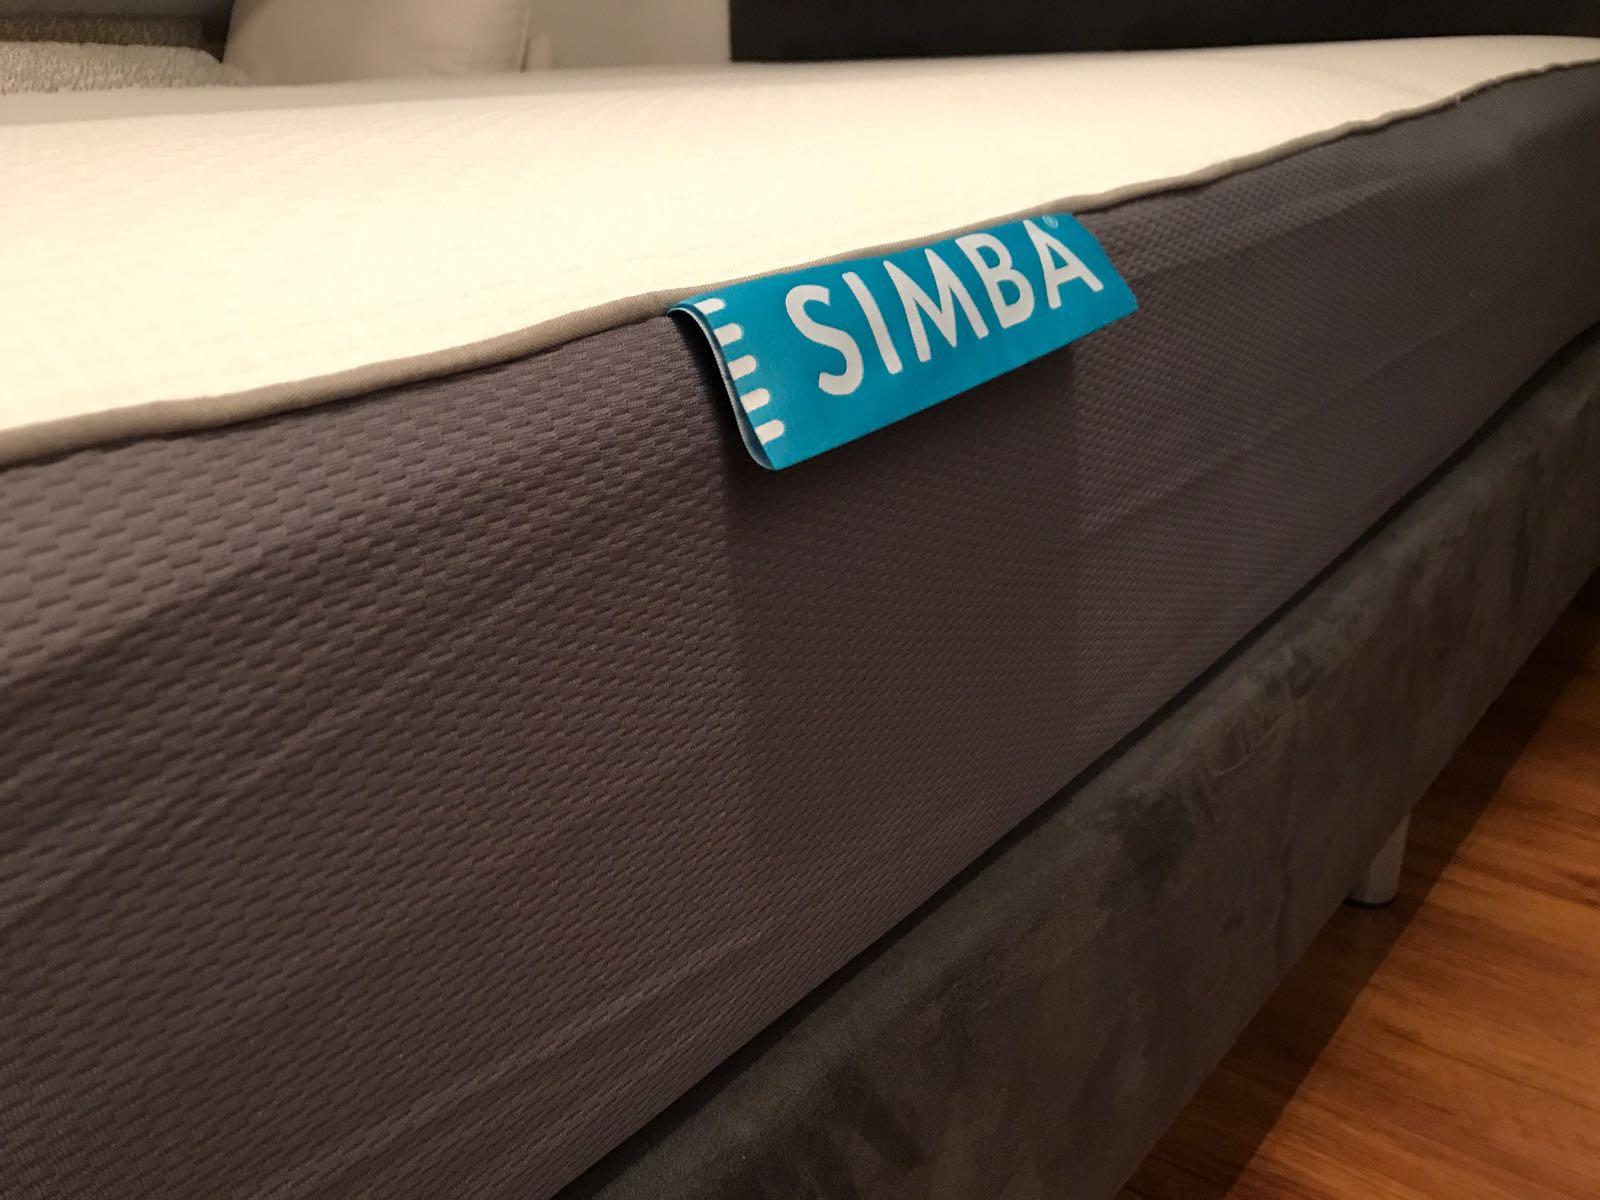 Simba Matras Review : Het simba matras getest door your ambassadrice en goed bevonden